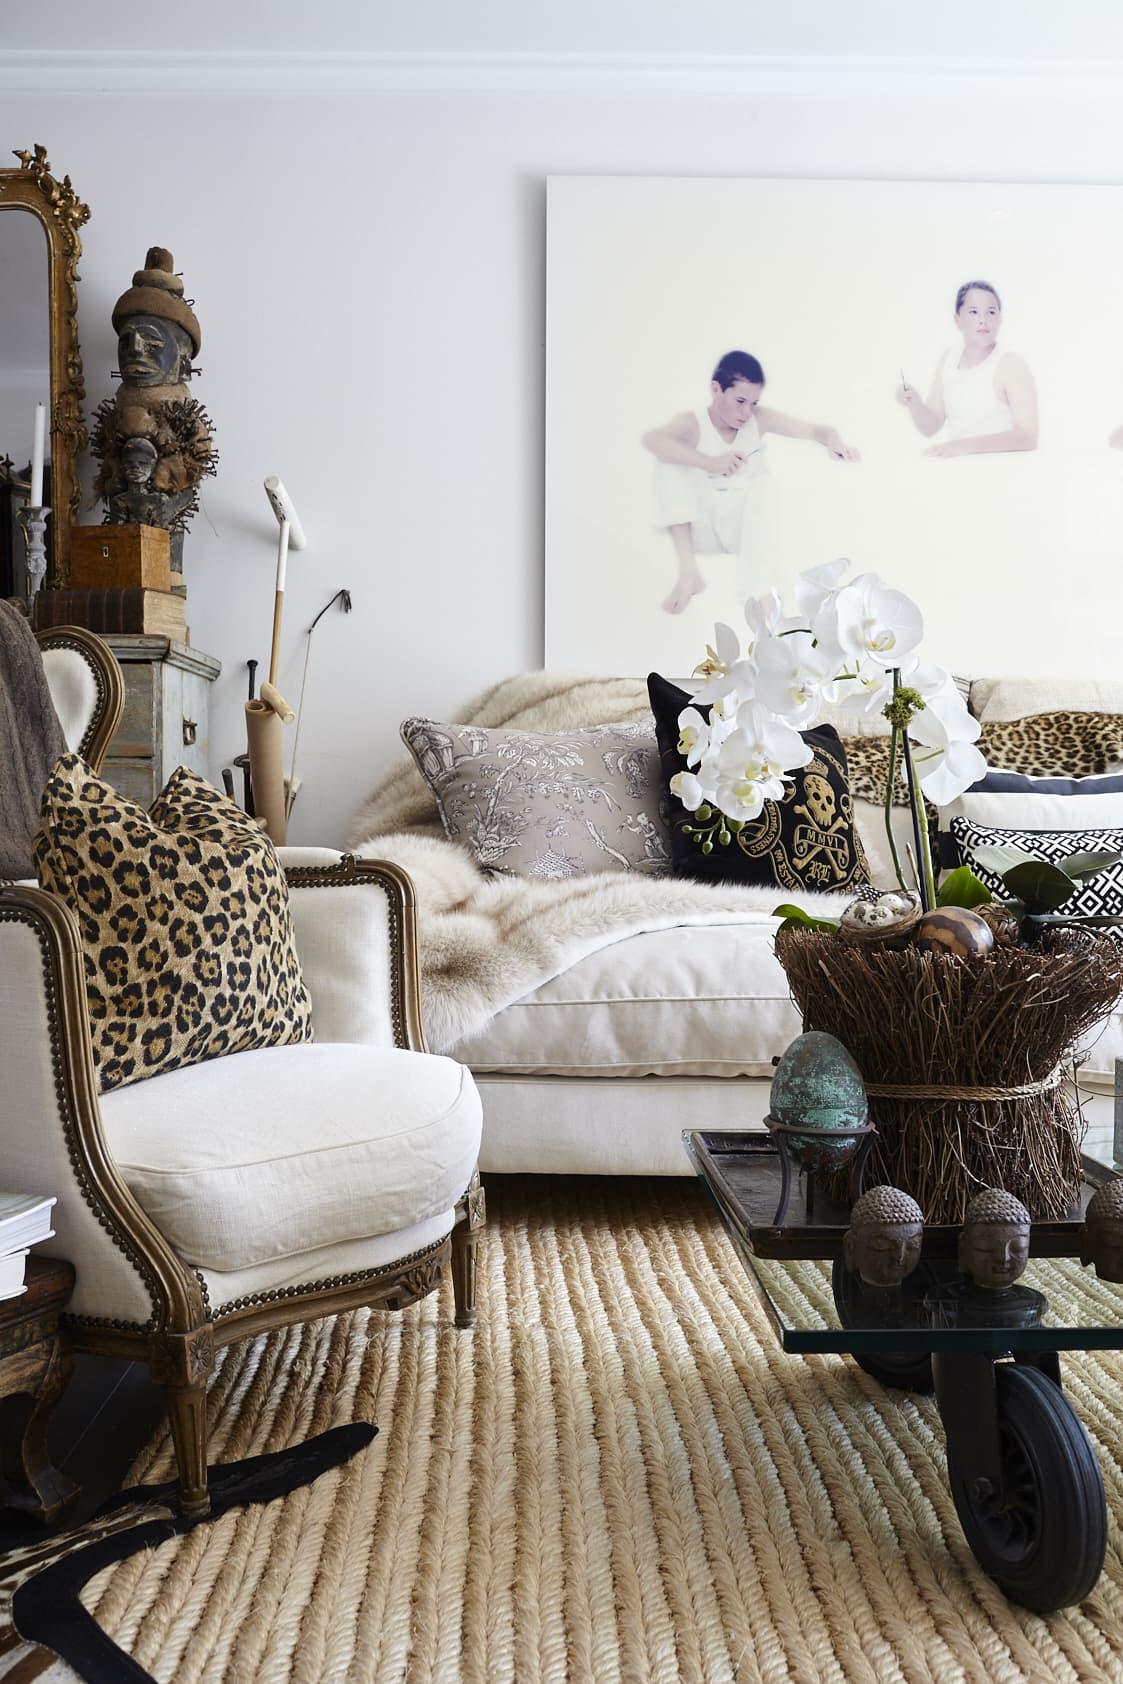 Anna är inte rädd för stilblandningar och mixar äldre möbler med moderna. 1700-talsfåtöljen är inropad på Bukowskis. Den afrikanska masken är från ett galleri i Göteborg och mellan byrån och soffan står några poloklubbor som en rolig detalj.